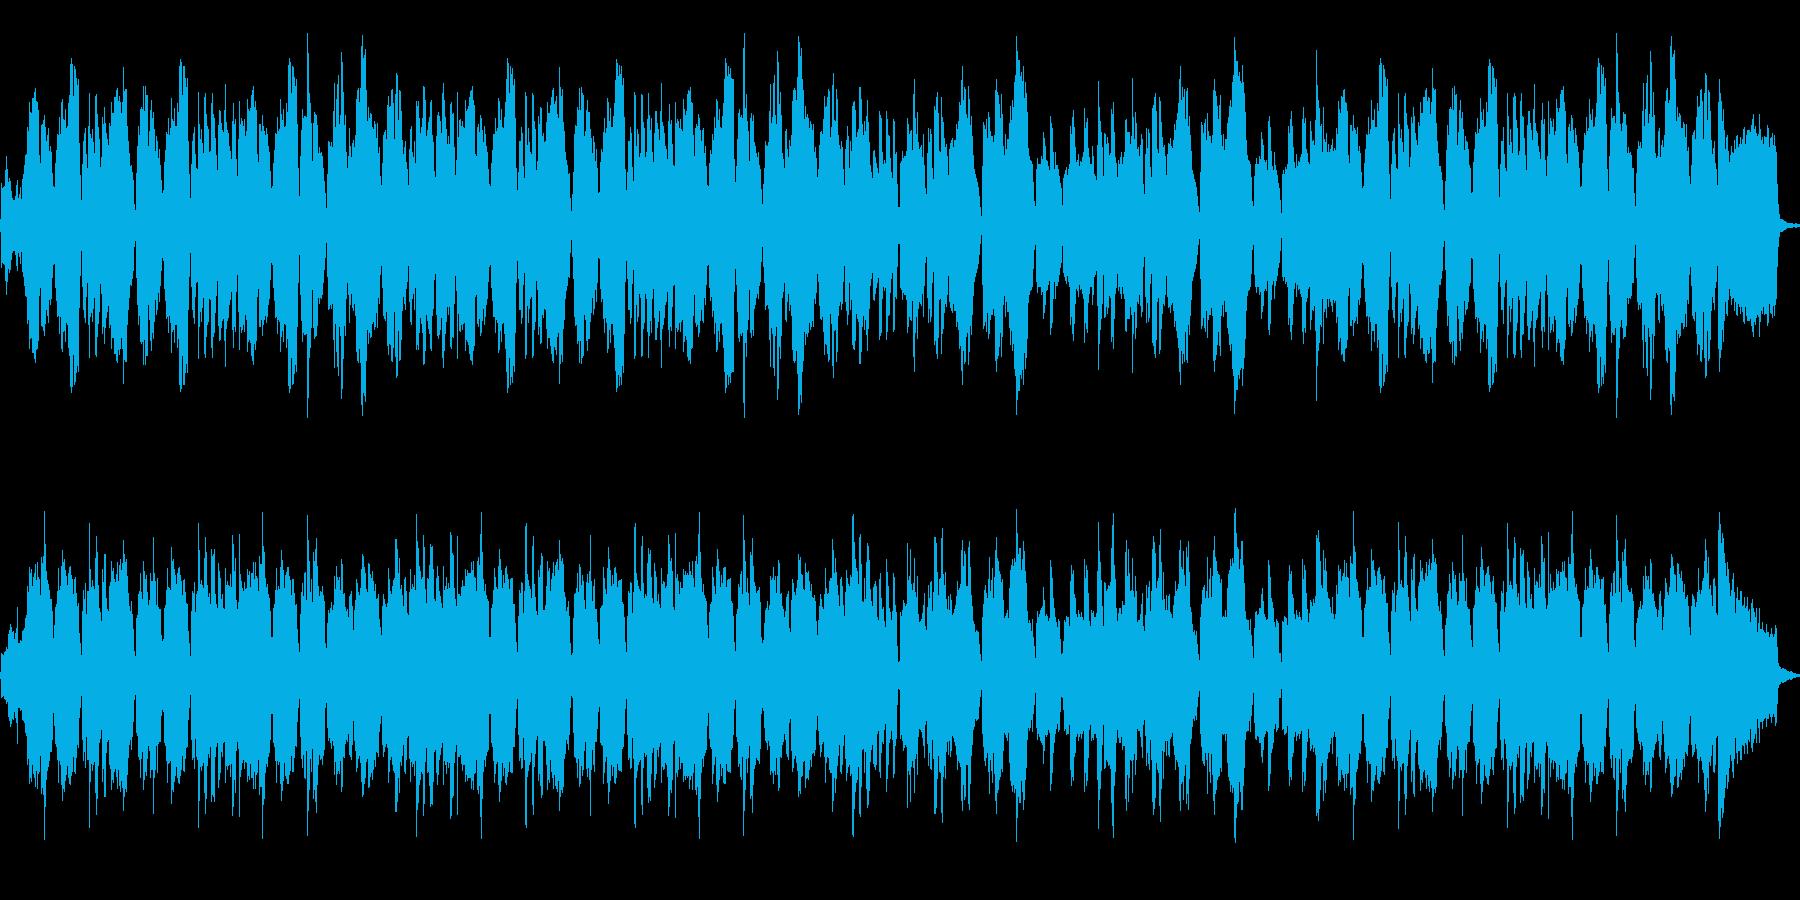 フィールドなどに使えそうなフルート曲の再生済みの波形